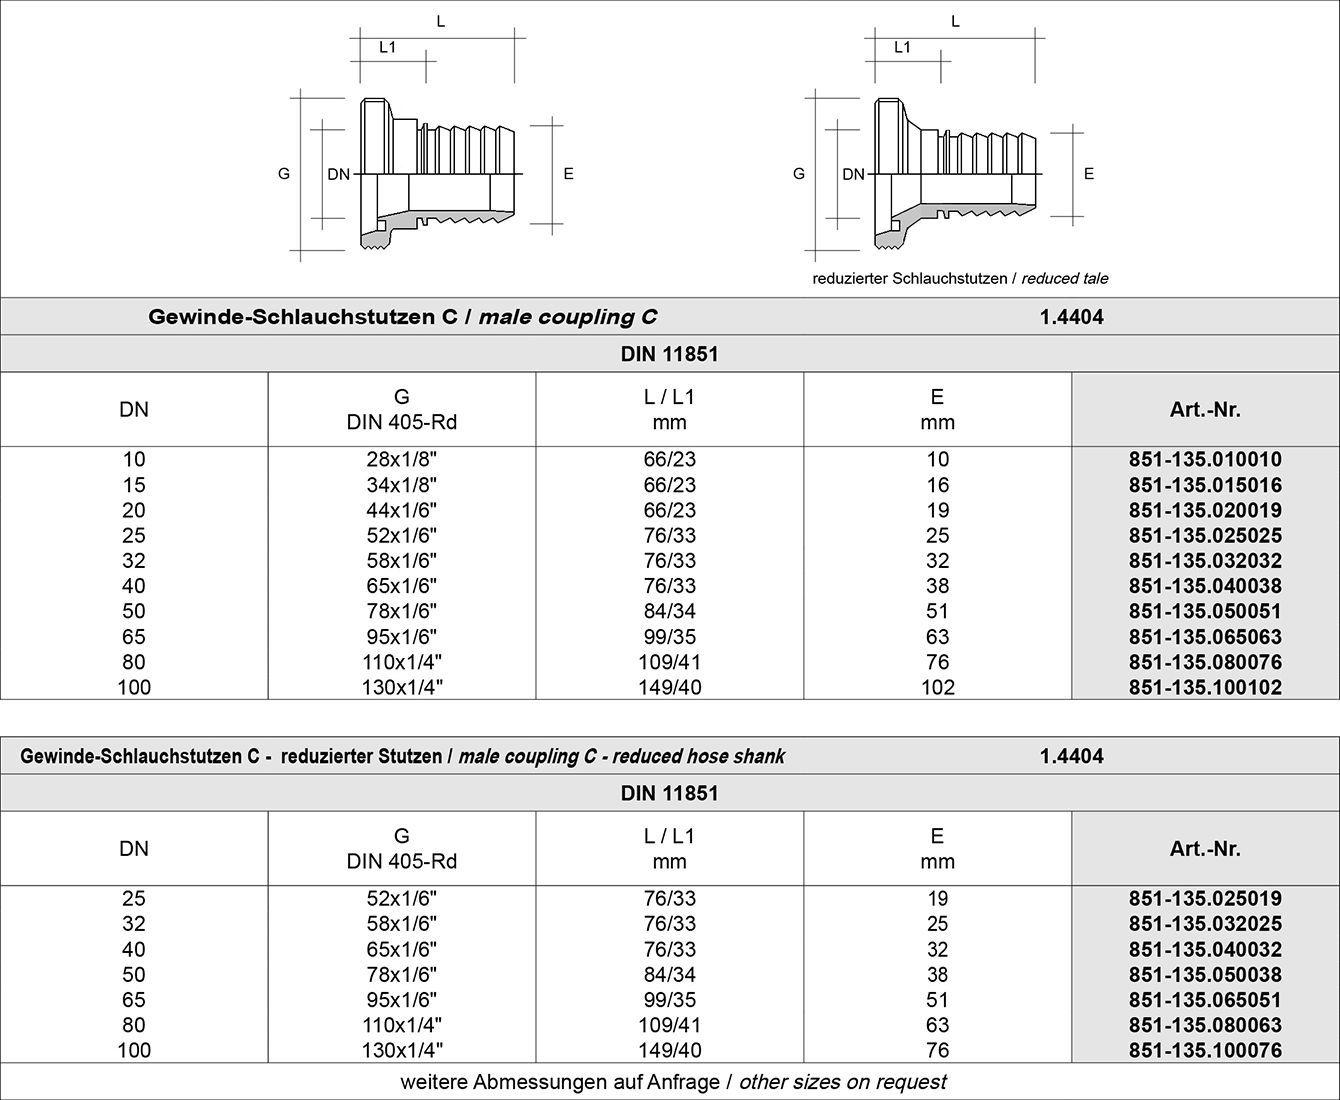 Tabelle DT Dichtungs-Technik GmbH, Dichtungstechnik, DT, Bremen, Schläuche, Armaturen, Dichtungen, Dichtringe, Profile, Milchrohr-Schlauchverschraubungen, Milchrohrverschraubung, Milchrohr, Schlauchstutzen, Gewindestutzen, Kegelstutzen, Vorschweiss-Stutzen, Anschweiss, Nutmuttern, DIN 11851, Dichtung, NBR, EPDM, FPM, MVQ, PTFE, Einband, Presshülsen, Klemmschalen, spaltfreier, Übergang